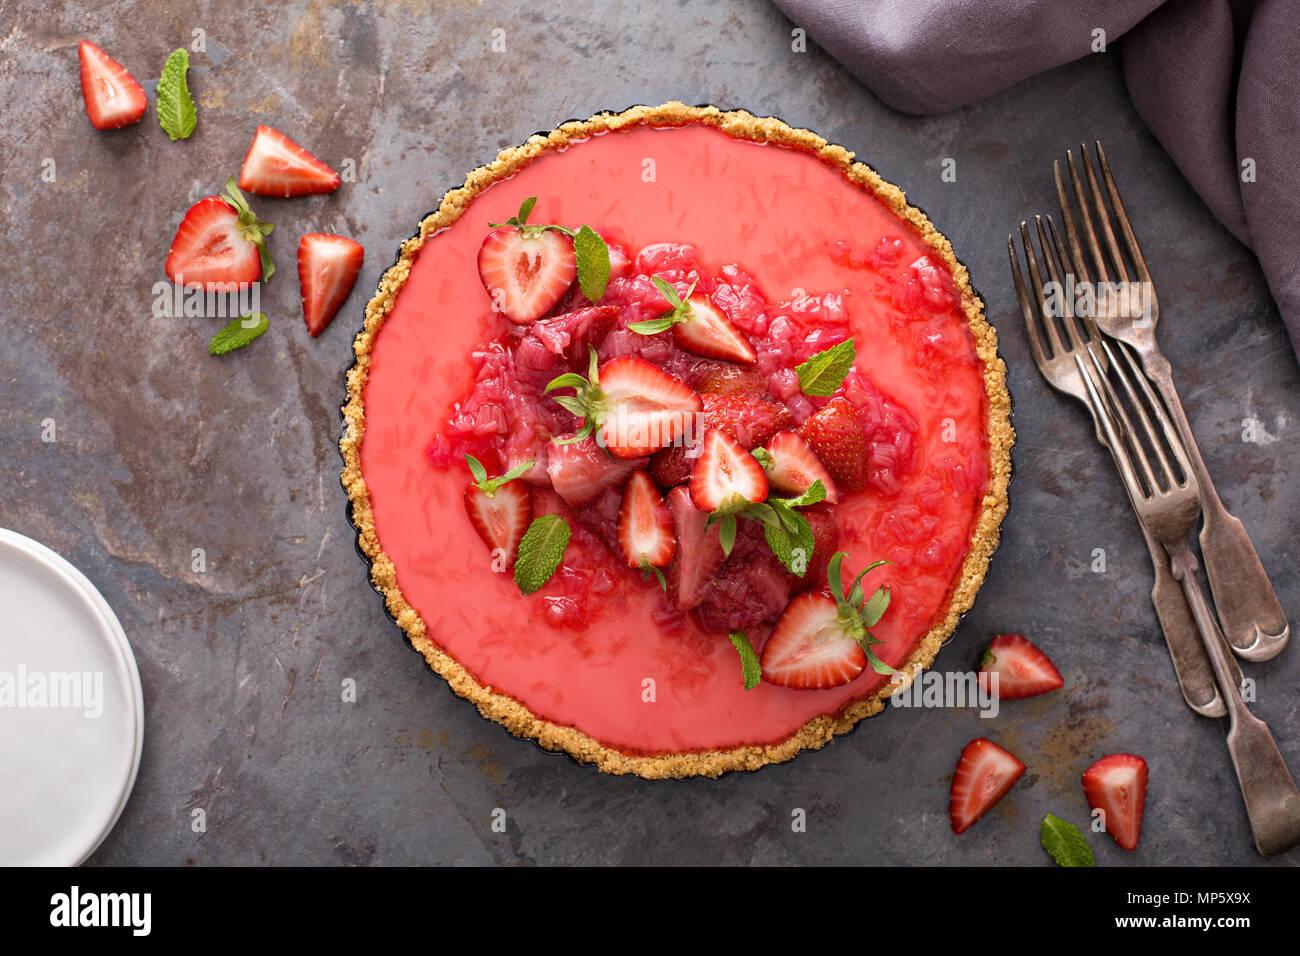 Tarta de yogur con compota de fresas ruibarbo Imagen De Stock